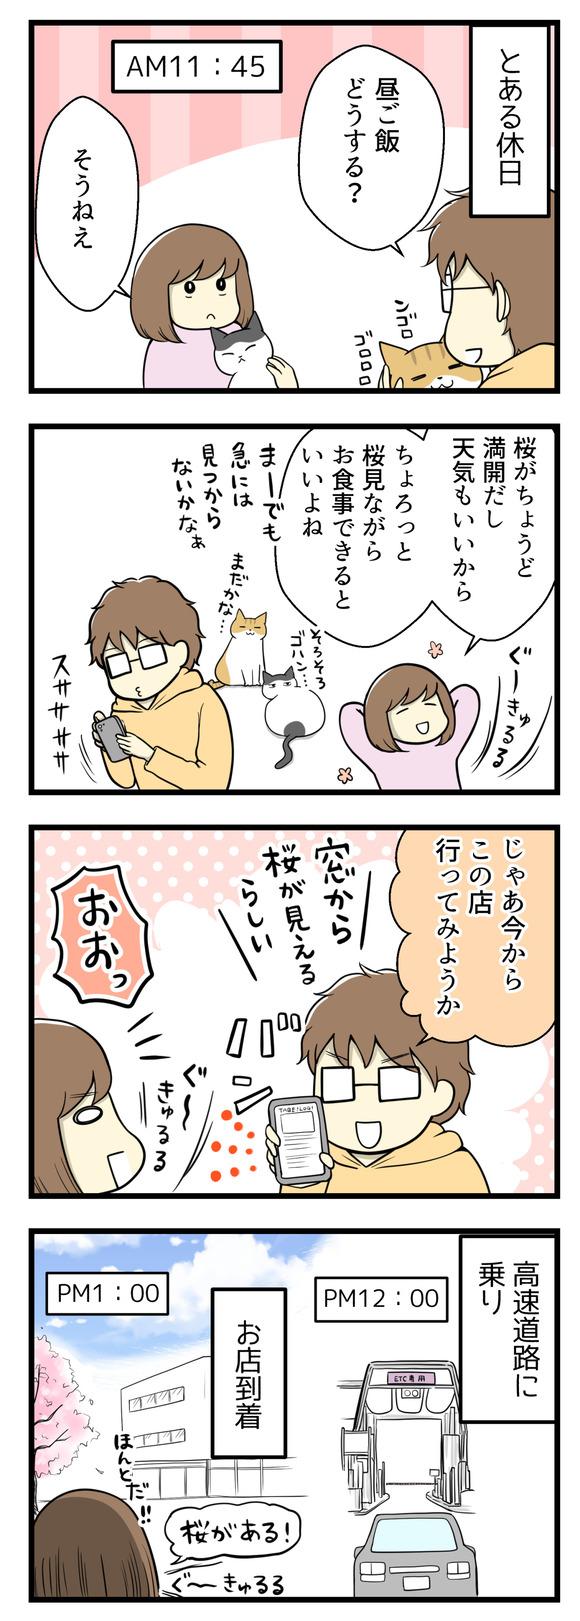 桜を見ながら食事したいと考えた結果-1-